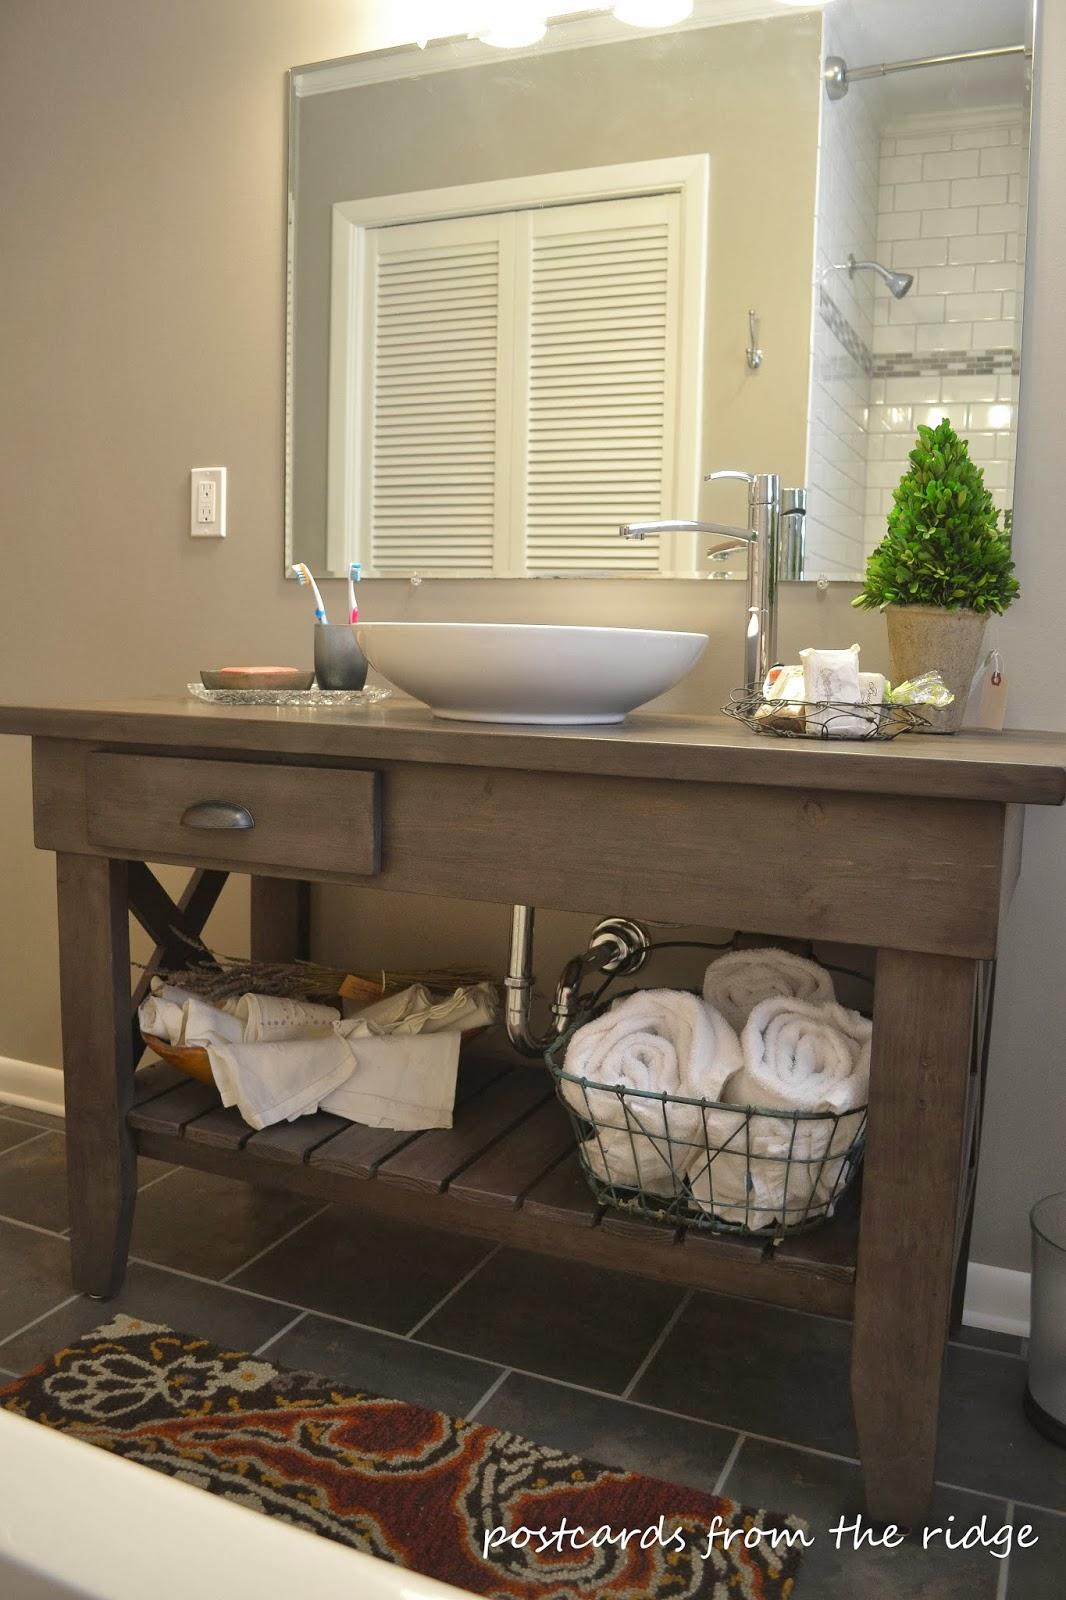 Stunning custom vanity in a nice overhaul of a 1964 bathroom.  Lots of great ideas here.